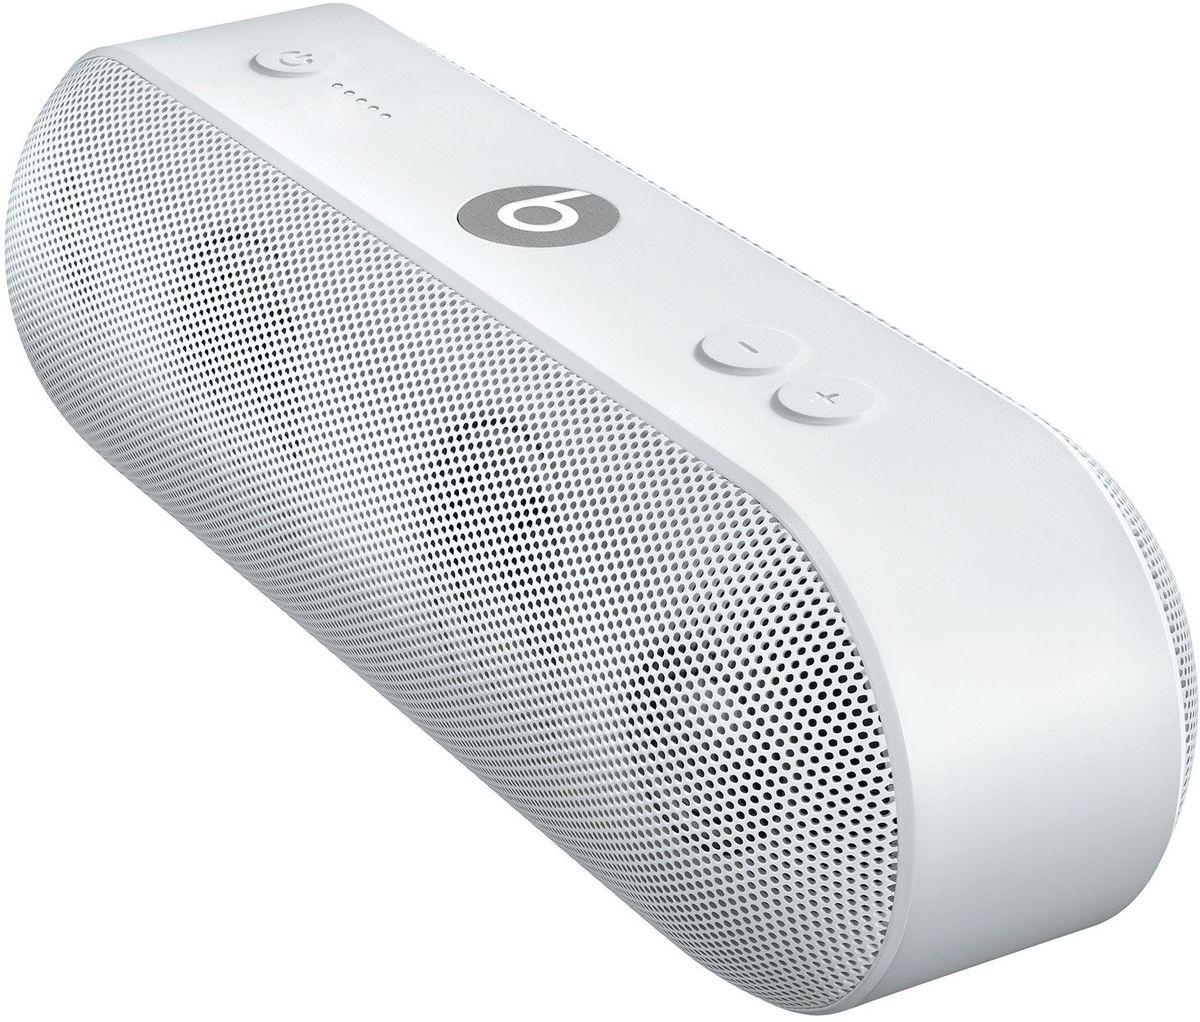 Beats Pill+, White портативная акустическая системаML4P2ZE/AАкустическая система Beats Pill+ полностью портативна и наполняет комнату богатым и чистым звучанием - удивительно мощным и чётким. Стильный интерфейс Beats Pill+ интуитивно понятен и открывает совершенно новые возможности для совместного прослушивания музыки. Стереосистема с активным двухканальным кроссовером создаёт великолепное звуковое поле с широким динамическим диапазоном и чётким звучанием во всех музыкальных жанрах. В раздельных динамиках высоких и низких частот используется такая же акустическая схема, как в профессиональных студиях звукозаписи по всему миру. Благодаря продуманному дизайну Beats Pill+ звучит так же хорошо, как и выглядит. В его простом и интуитивно понятном интерфейсе нет ничего лишнего, и включить любимую музыку очень легко. Объедините Beats Pill+ в пару с iPhone, MacBook или любым другим устройством Bluetooth, чтобы слушать музыку, смотреть видео и играть в игры с великолепным качеством звука. Или объедините их в пару с...